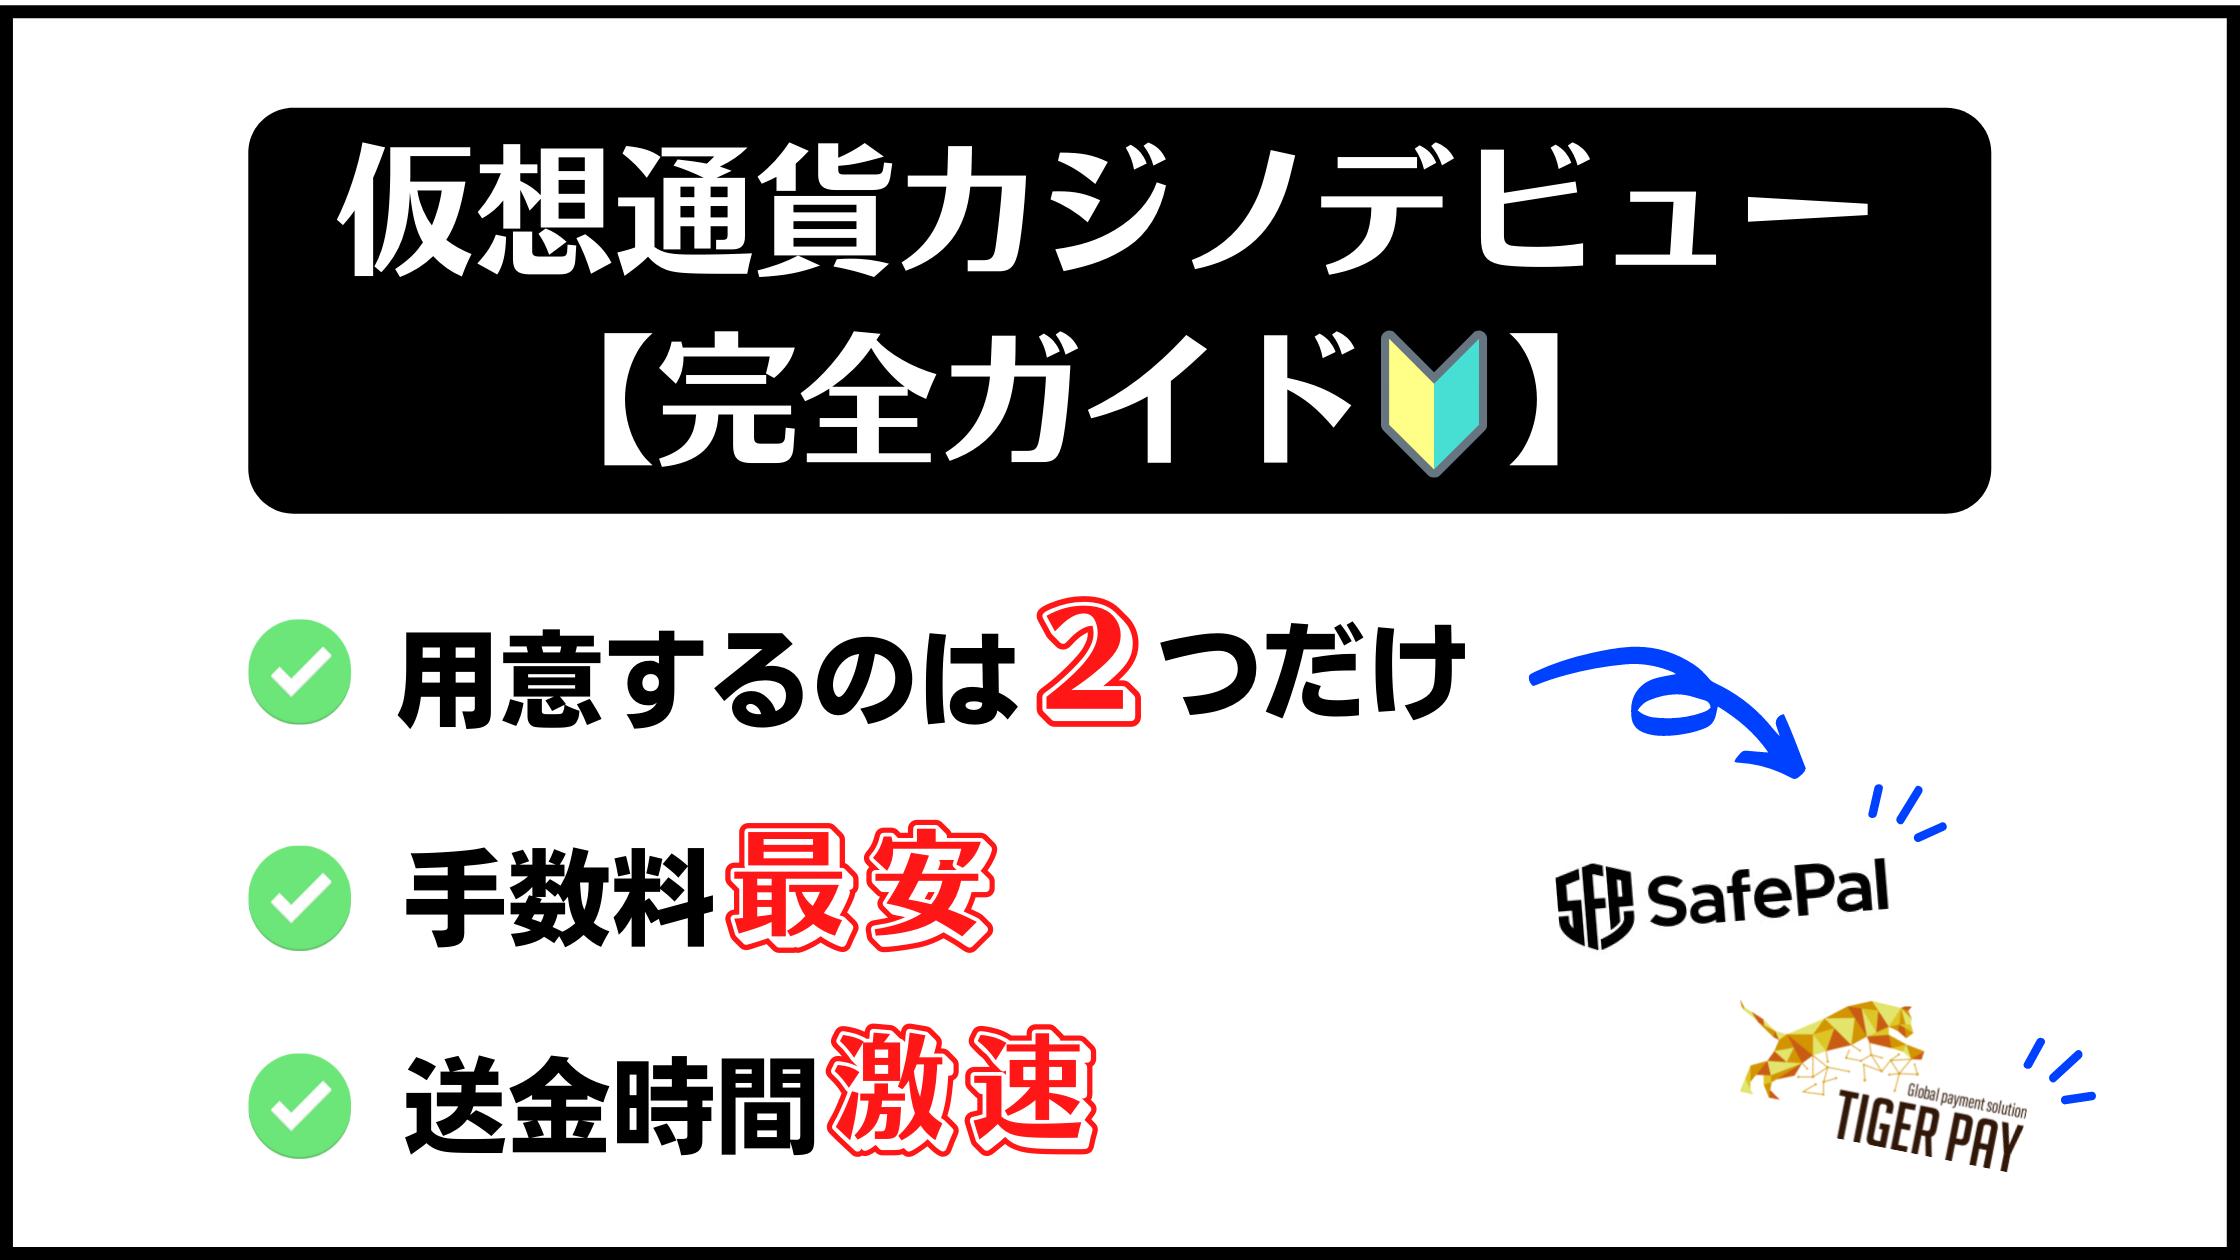 【決定版】仮想通貨カジノの初心者ガイド 〜 最短ルートで仮想通貨カジノデビューする方法を解説!!